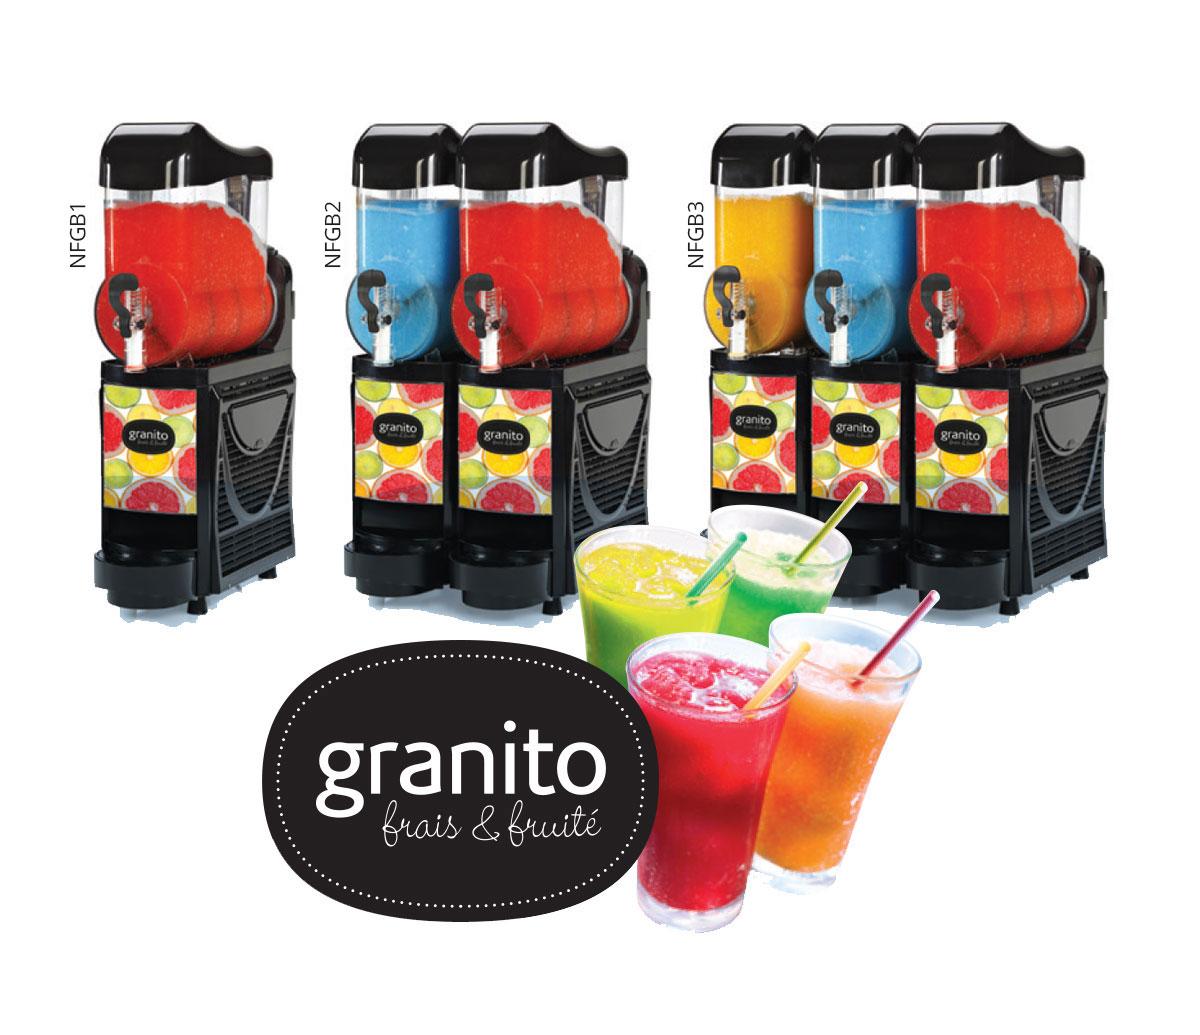 High-capacity granita machines